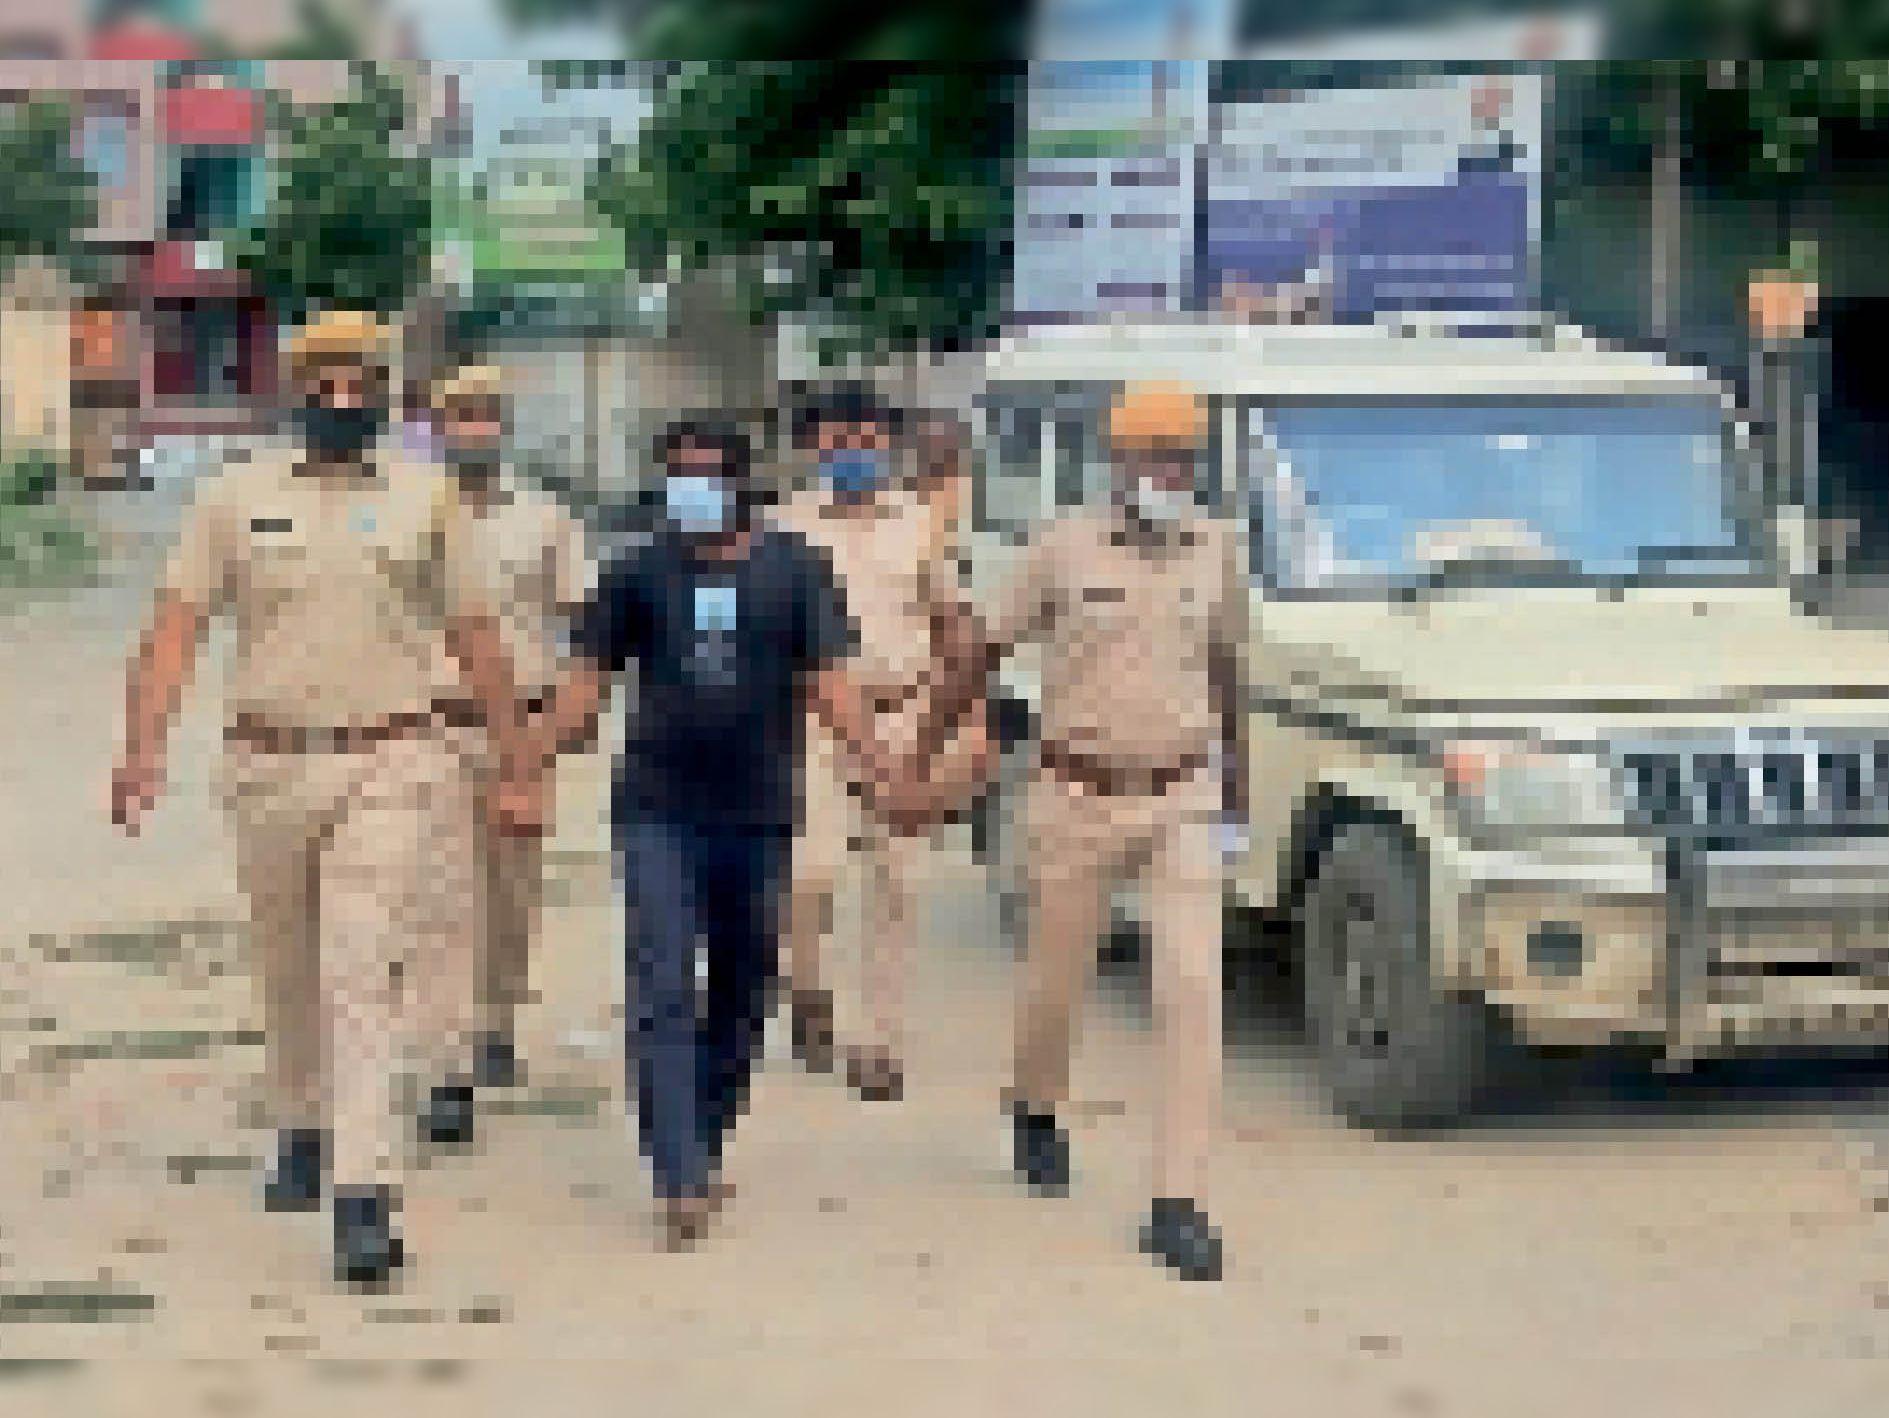 आरोपी को कोर्ट में पेश करने ले जाती पुलिस। - Dainik Bhaskar